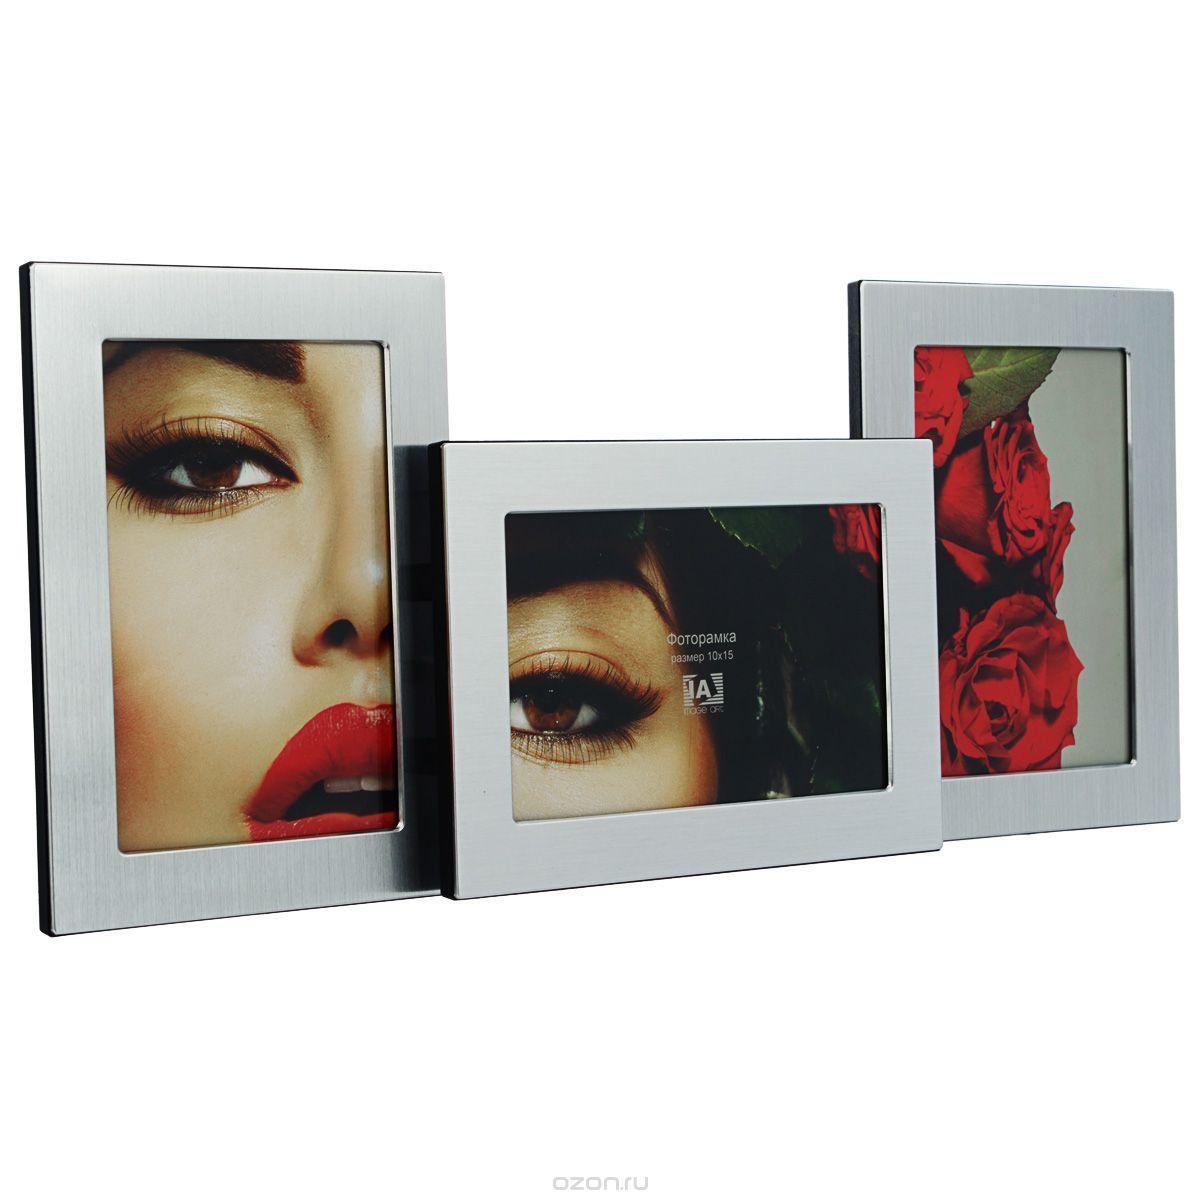 Фоторамка Image Art, цвет: серебристый, на 3 фото, 10 см х 15 см. 6017/4-3S843748Фоторамка-коллаж Image Art - прекрасный способ красиво оформить вашифотографии. Изделие рассчитано на 3 фотографии. Фоторамка выполнена из алюминия и пластика и защищена стеклом. Фоторамкуможно поставить на стол или подвесить на стену, для чего с задней стороны предусмотреныспециальные отверстия. Такая фоторамка поможет сохранить на память самые яркие моменты вашейжизни, а стильный дизайн сделает ее прекрасным дополнением интерьера.